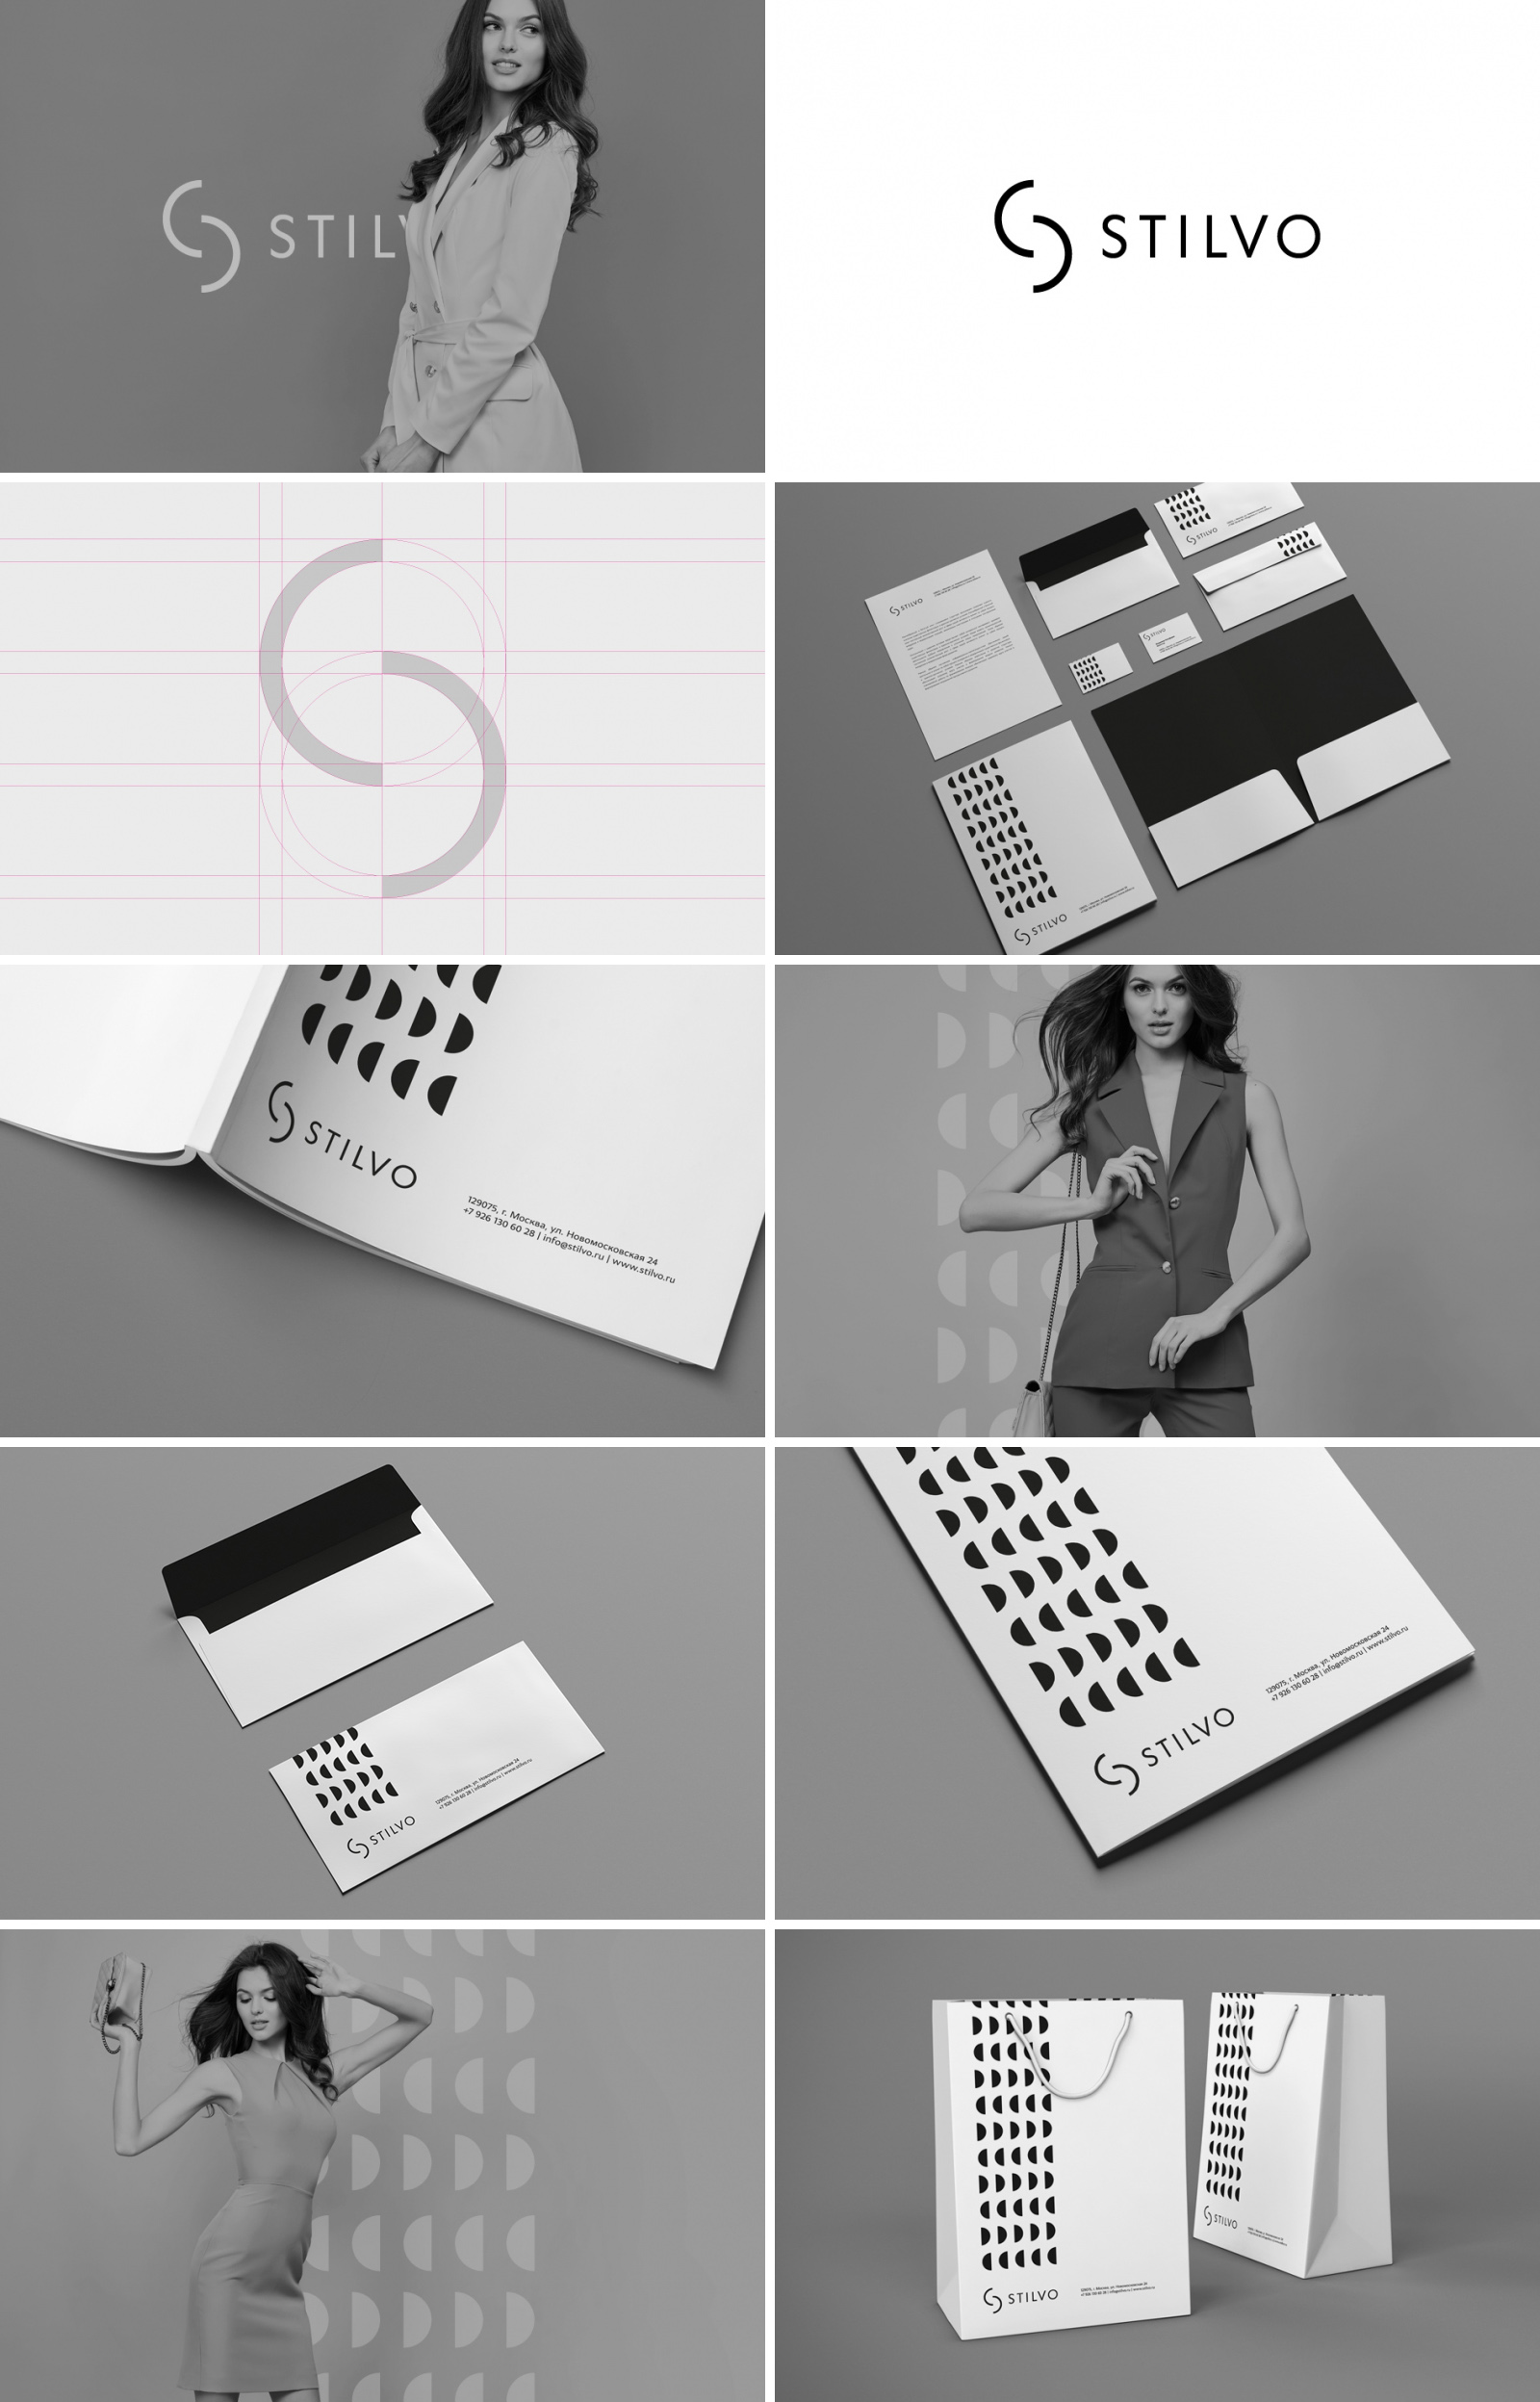 Фирменный стиль для интернет-магазина «Stilvo»